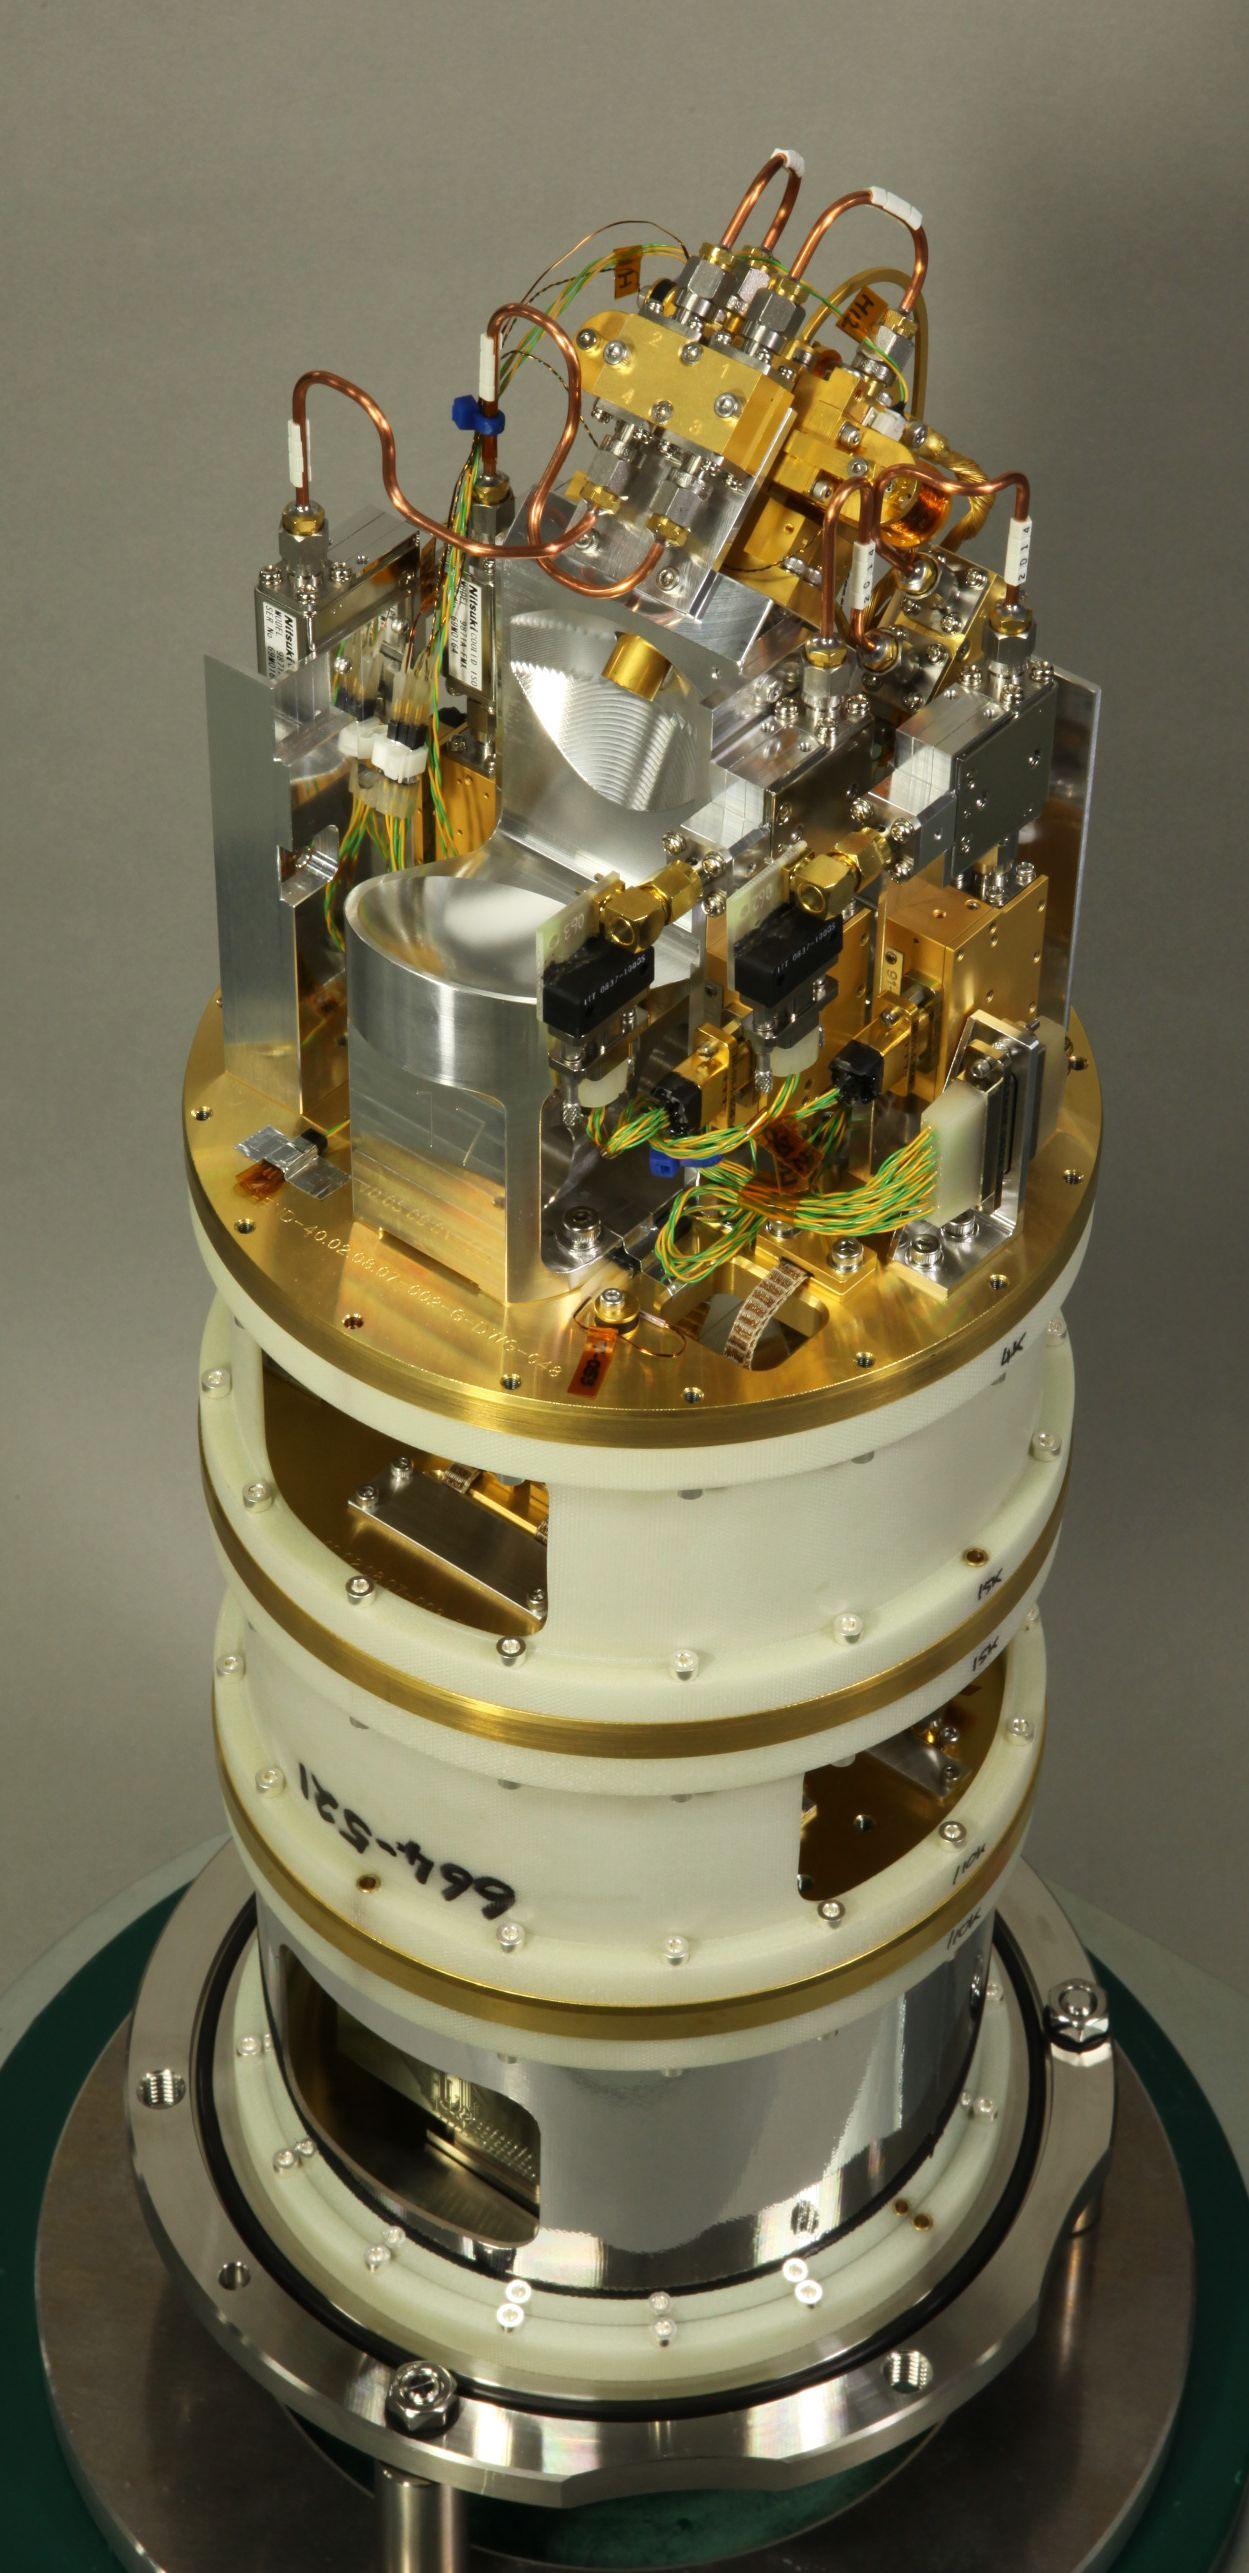 アルマ望遠鏡サブミリ波(バンド8)受信機カートリッジ